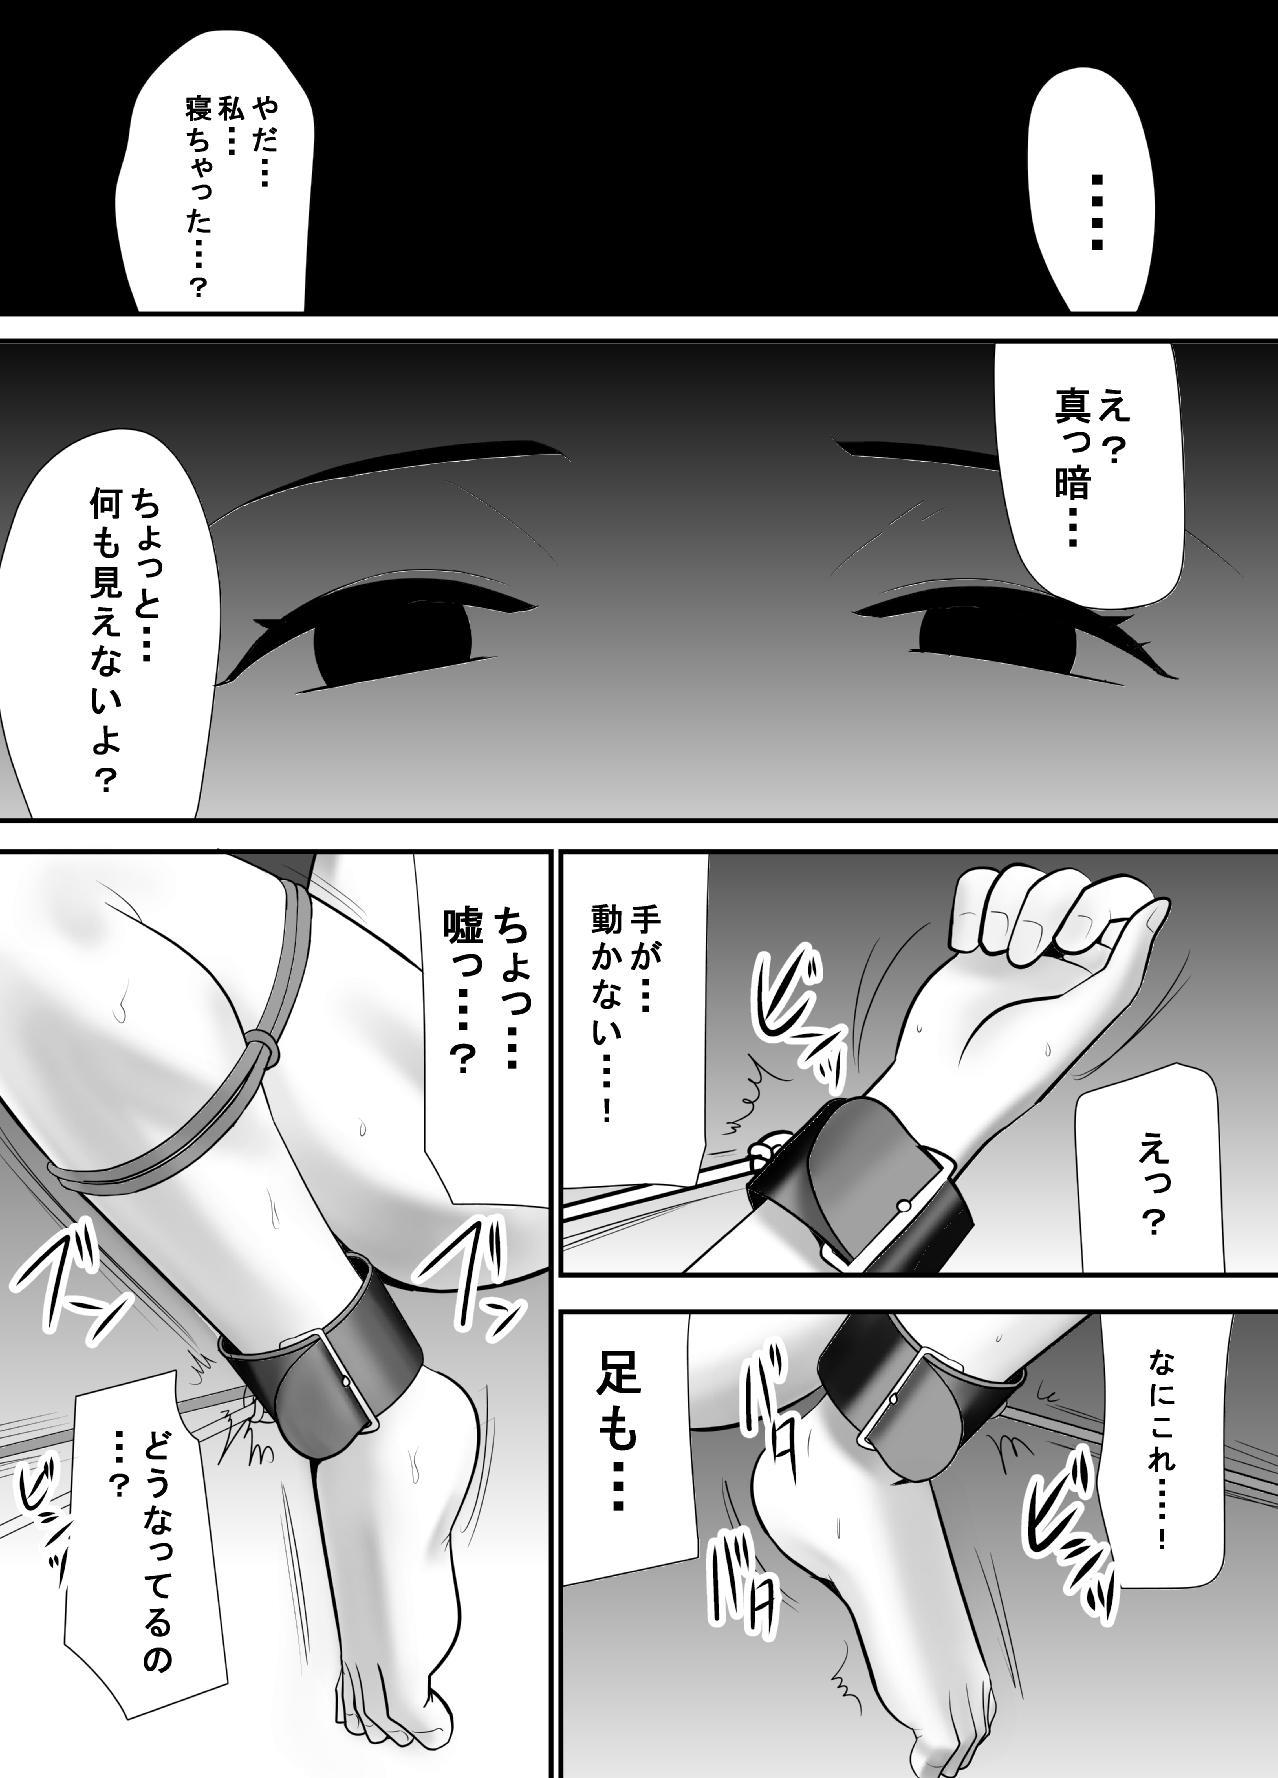 Keiken wa Nai kedo Chishiki dake Houfu na Mousou Fujoshi ga Gachi Kairaku ni Ochiru made 32